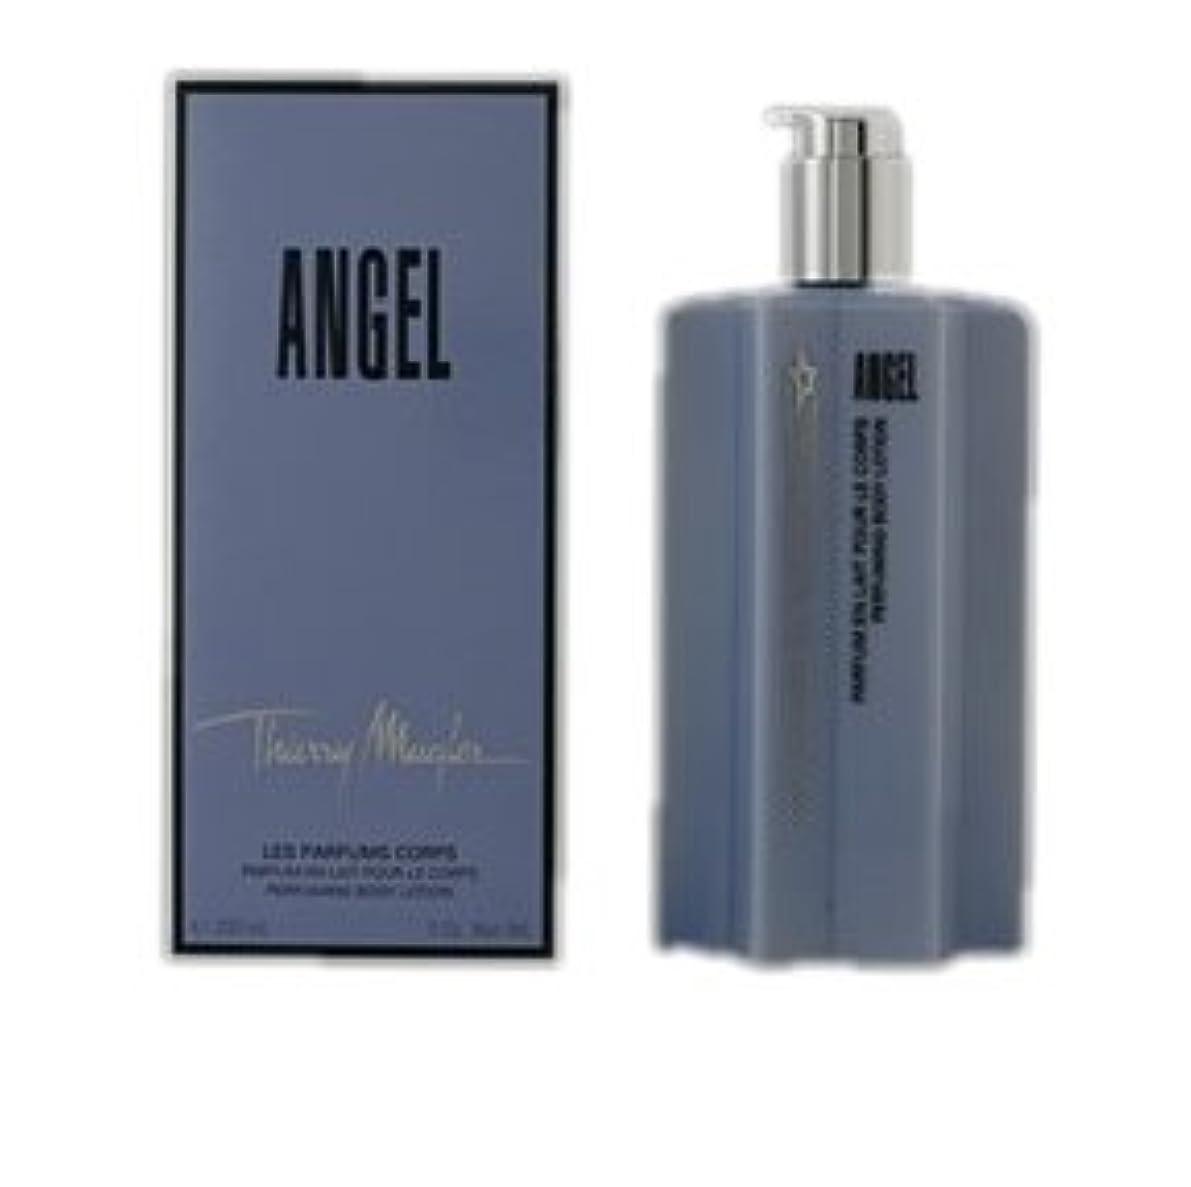 暗殺者死にかけている欠点Thierry Mugler Angel Perfuming Body Lotion 200ml [並行輸入品]